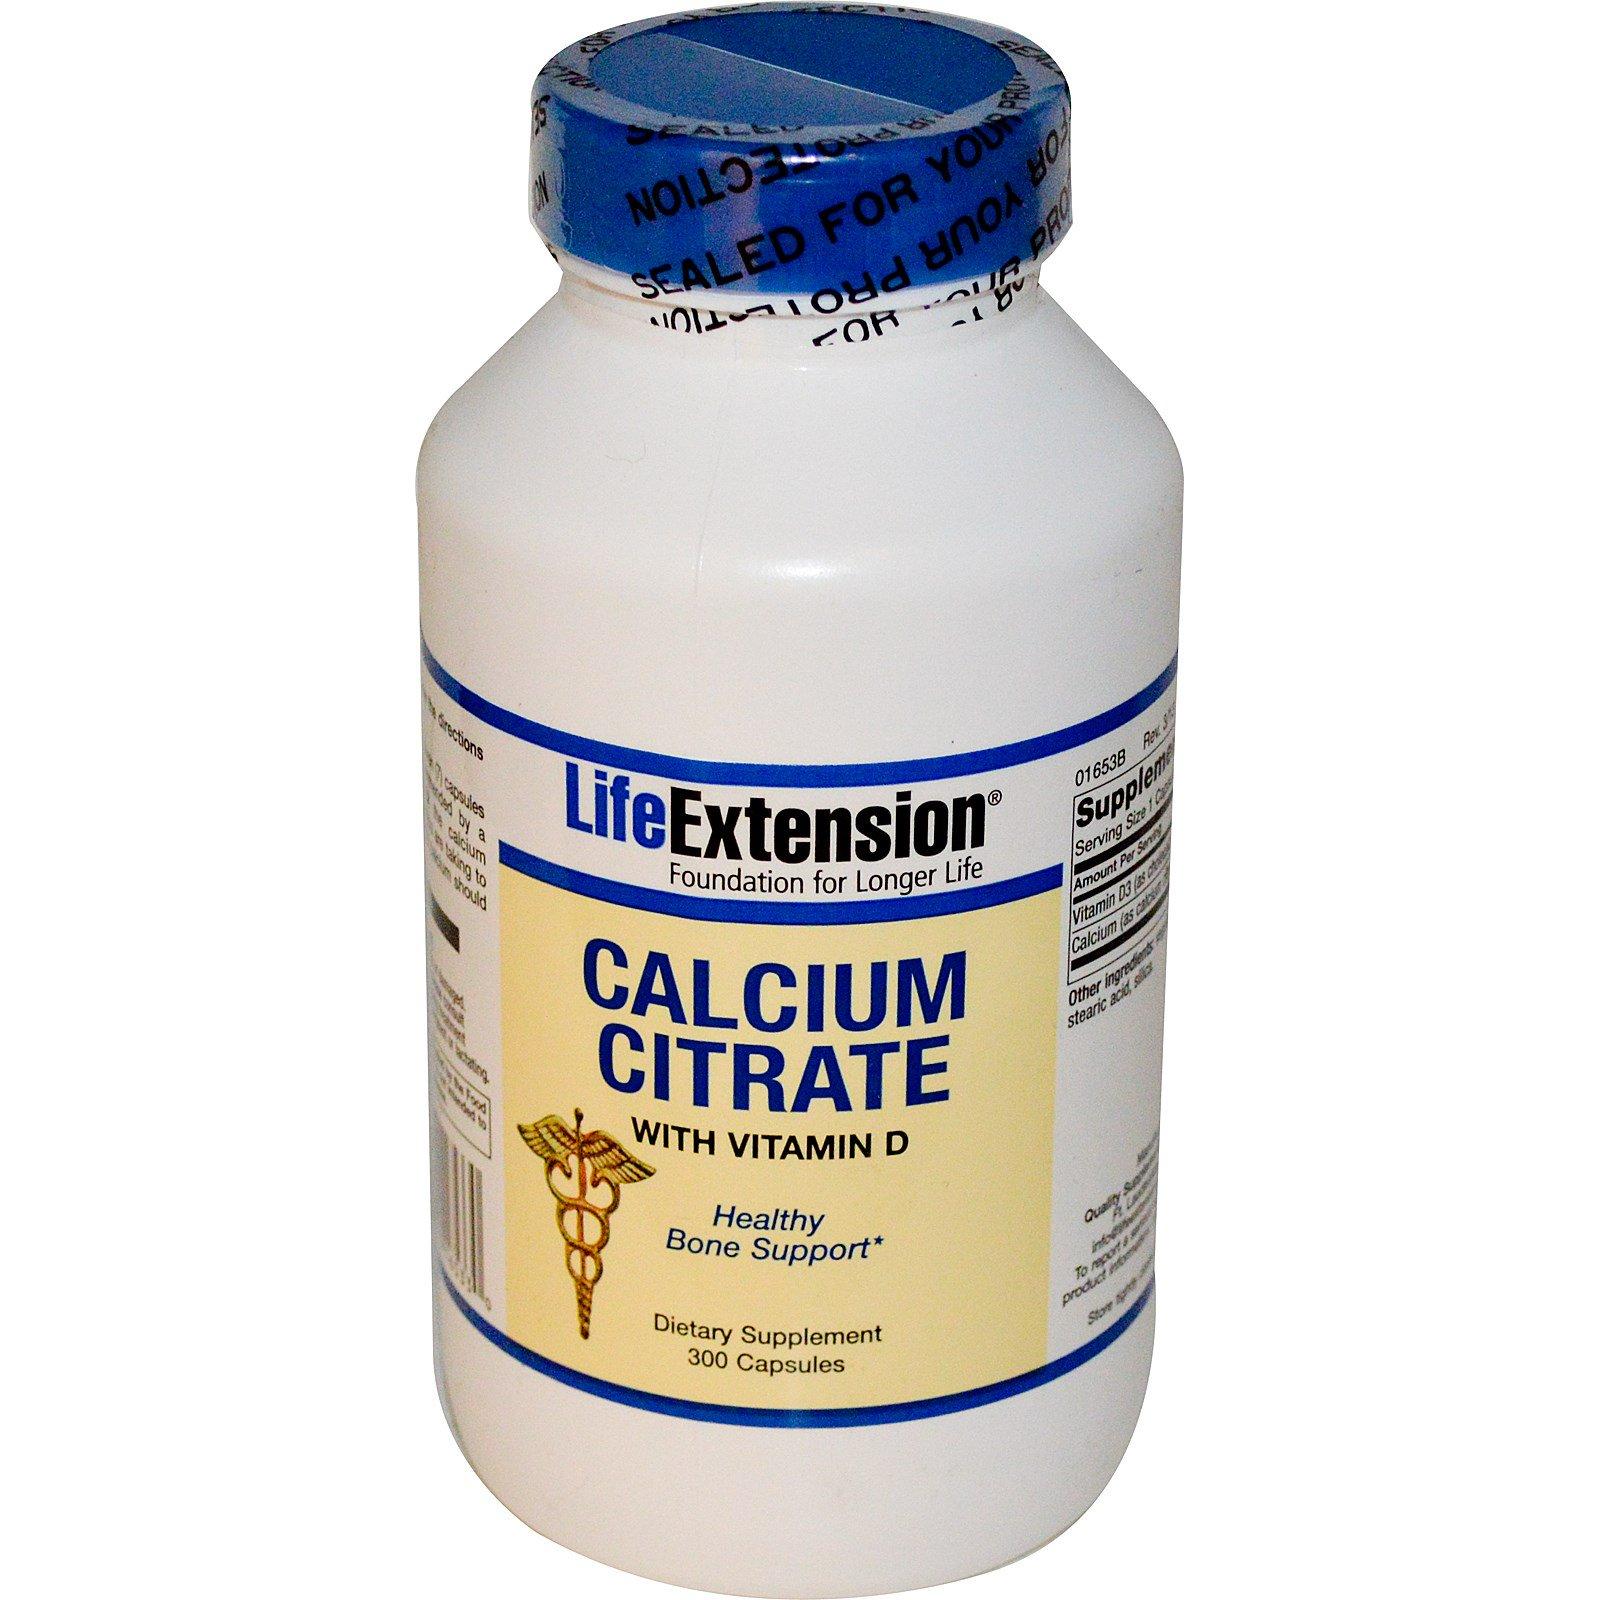 Life Extension, Цитрат кальция, с витамином D, 300 капсул